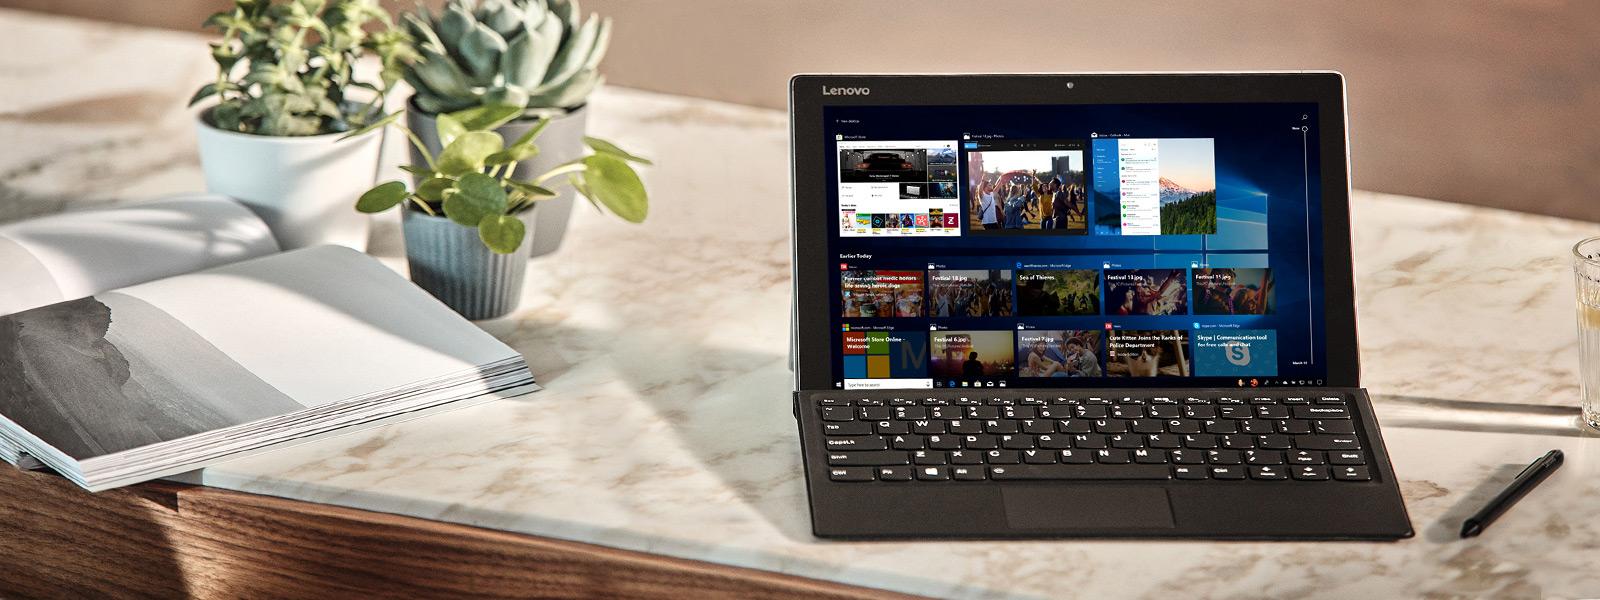 Tietokonenäyttö, jossa näkyy Windows 10:n päivitys huhtikuu 2018